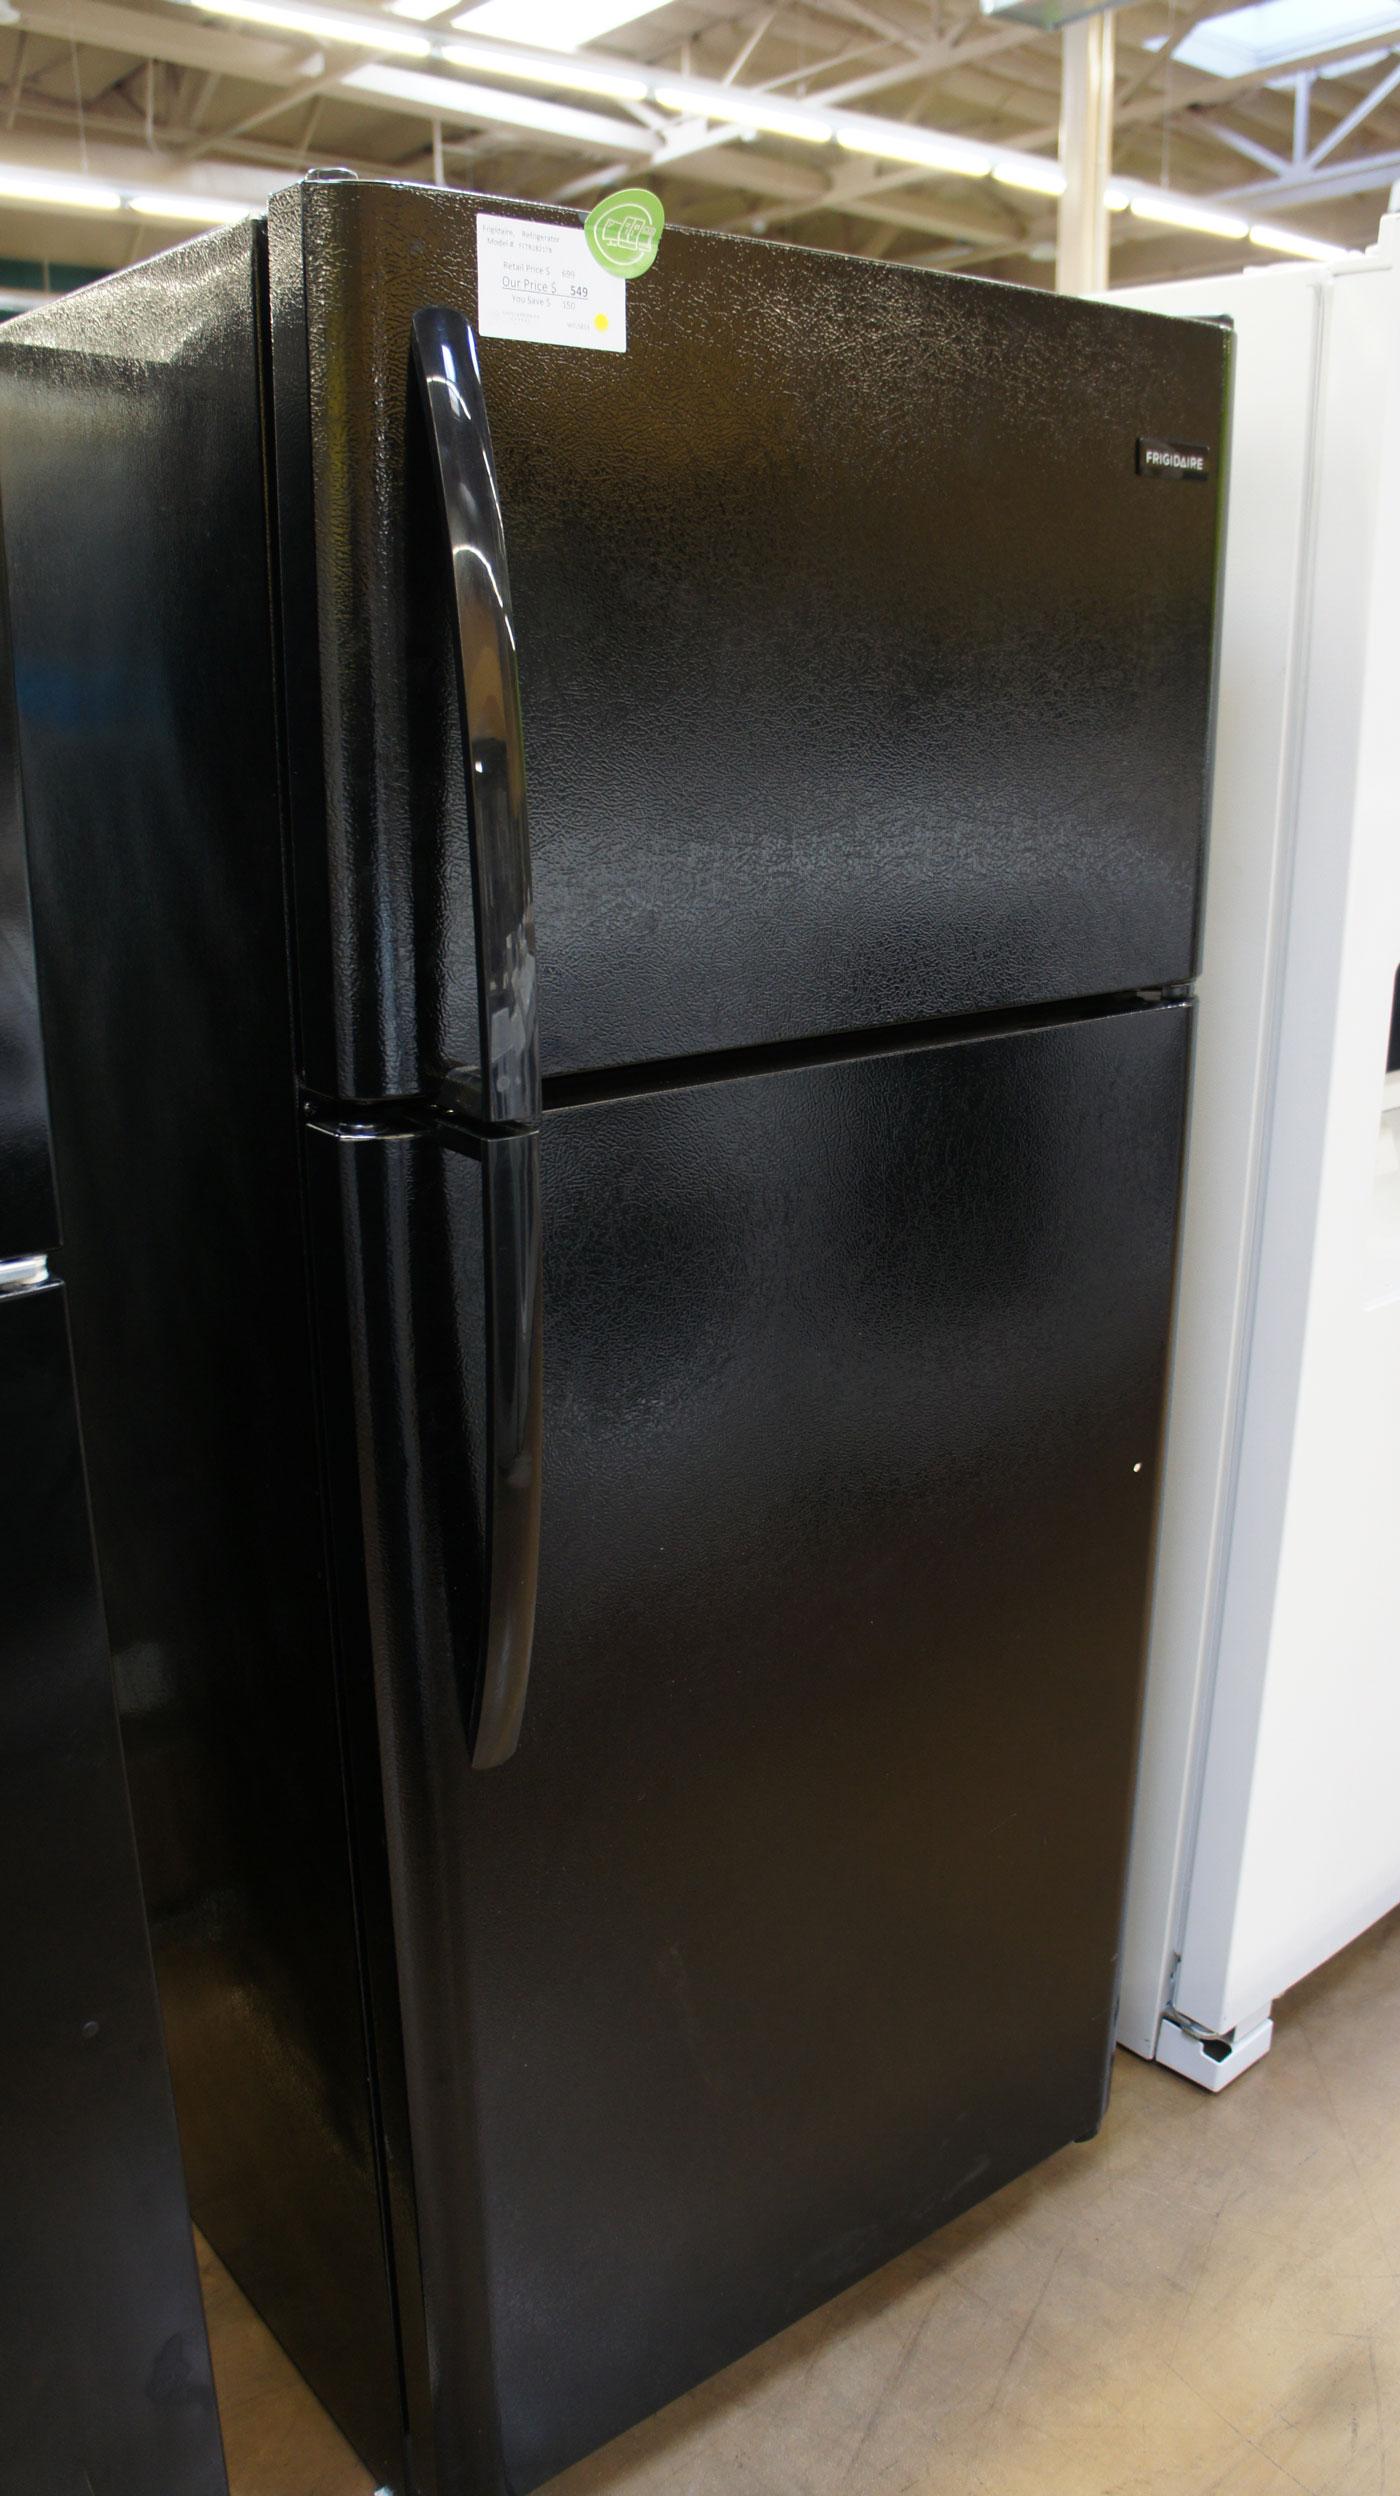 Frigidaire Capacity Top Freezer Refrigerator